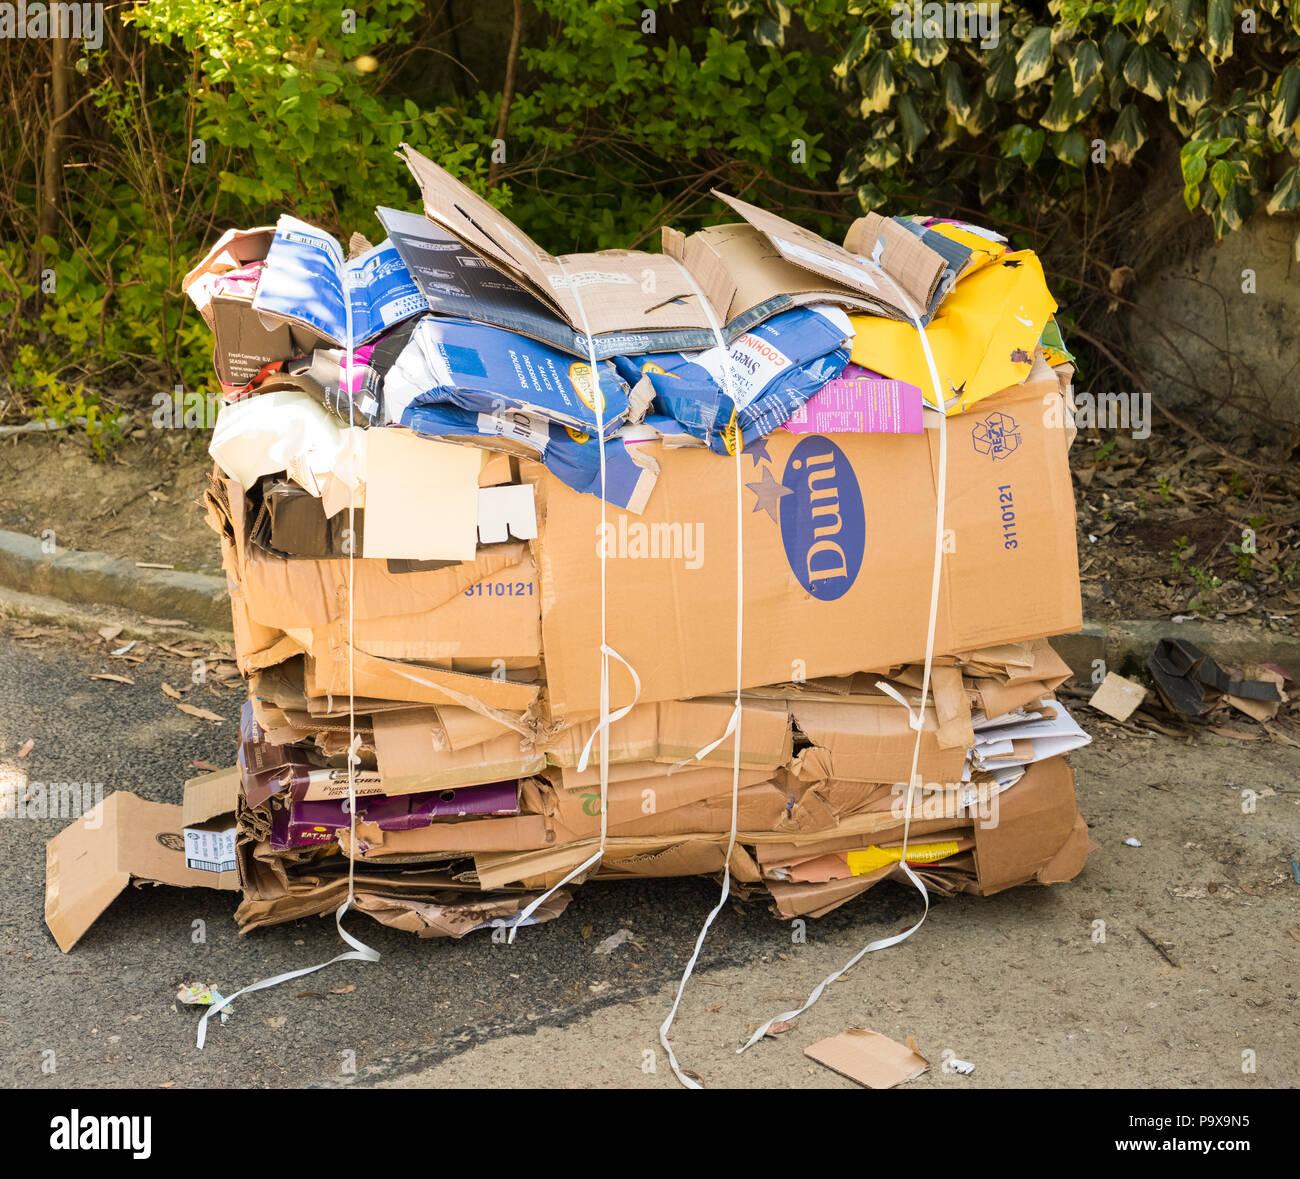 Scatole di cartone appiattito e impilati per la raccolta di riciclaggio, England Regno Unito Immagini Stock